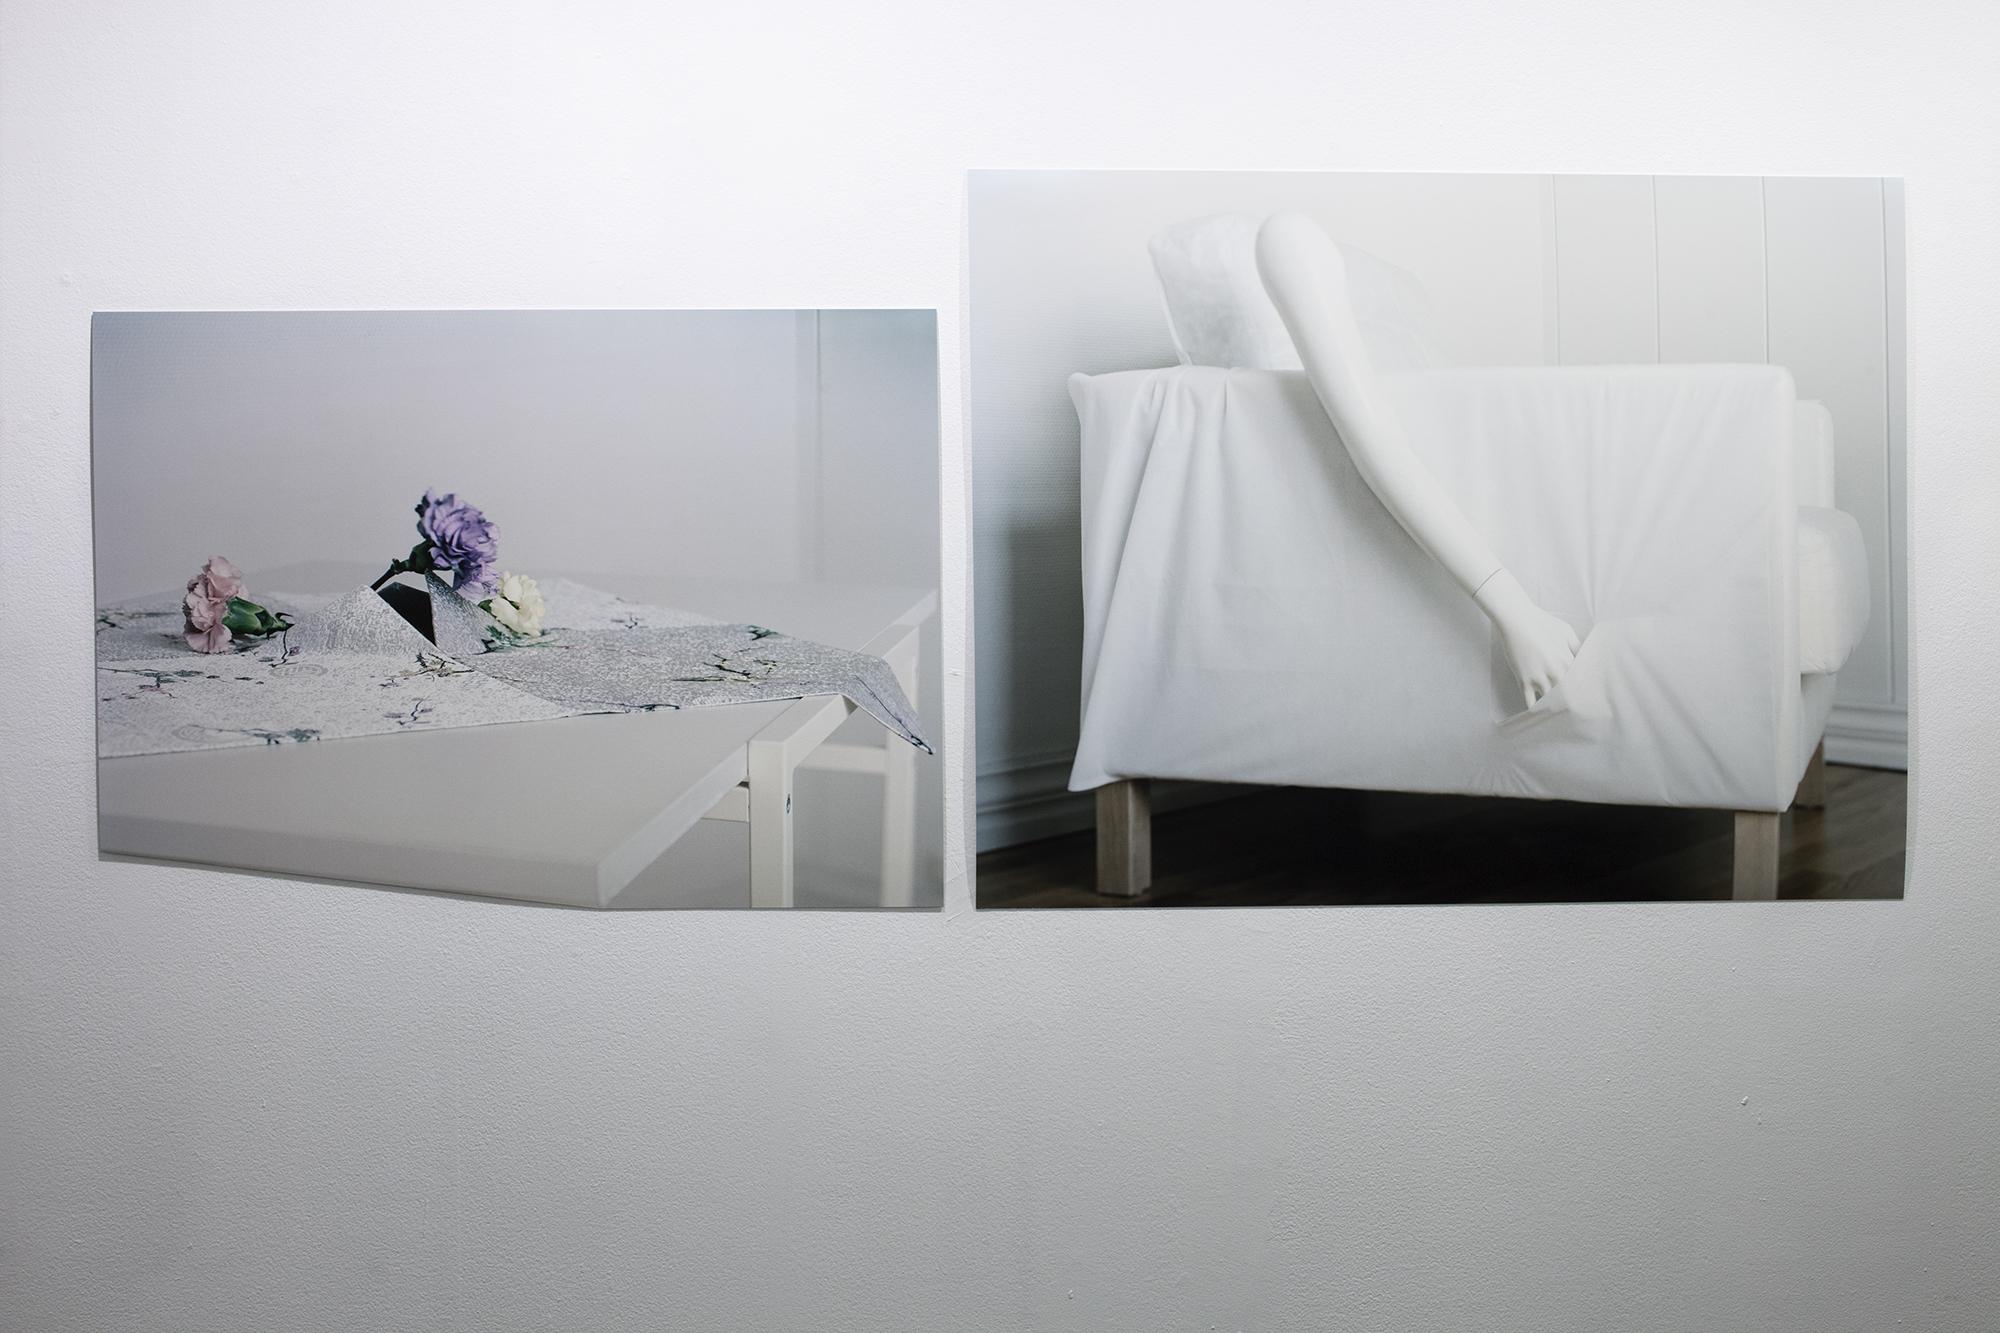 Ingrid Eggen and Admir Batlak - Teriører  One Night Only, Kunstnernes Hus, Oslo, January 2014